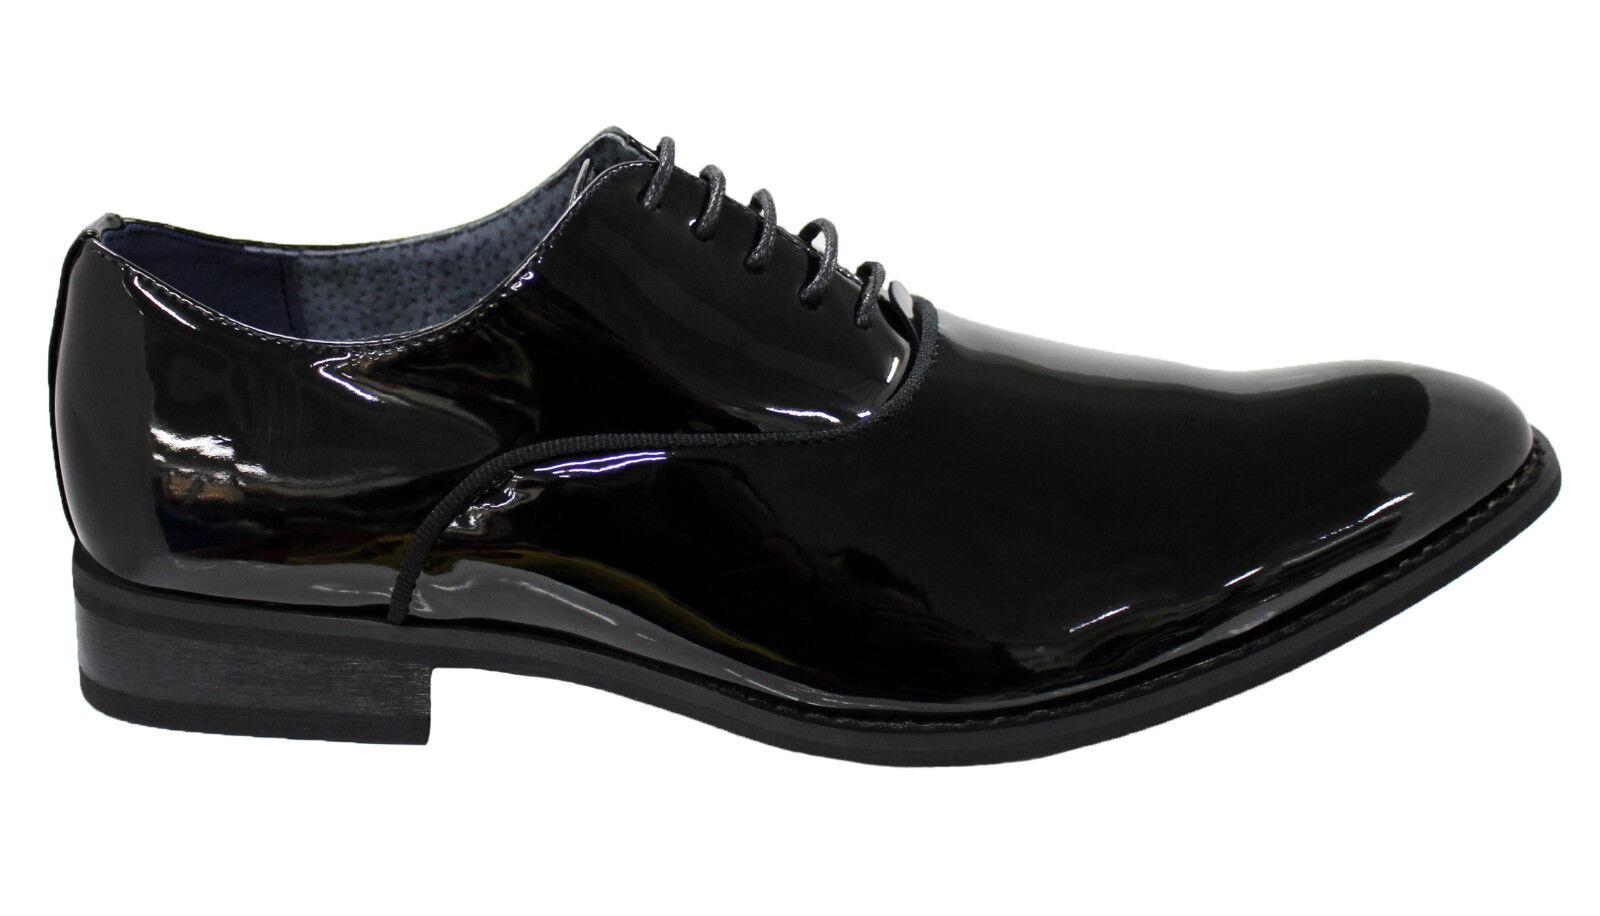 Schuhe Herren Diamant Class Elegant Schwarz Glänzend MAN'S